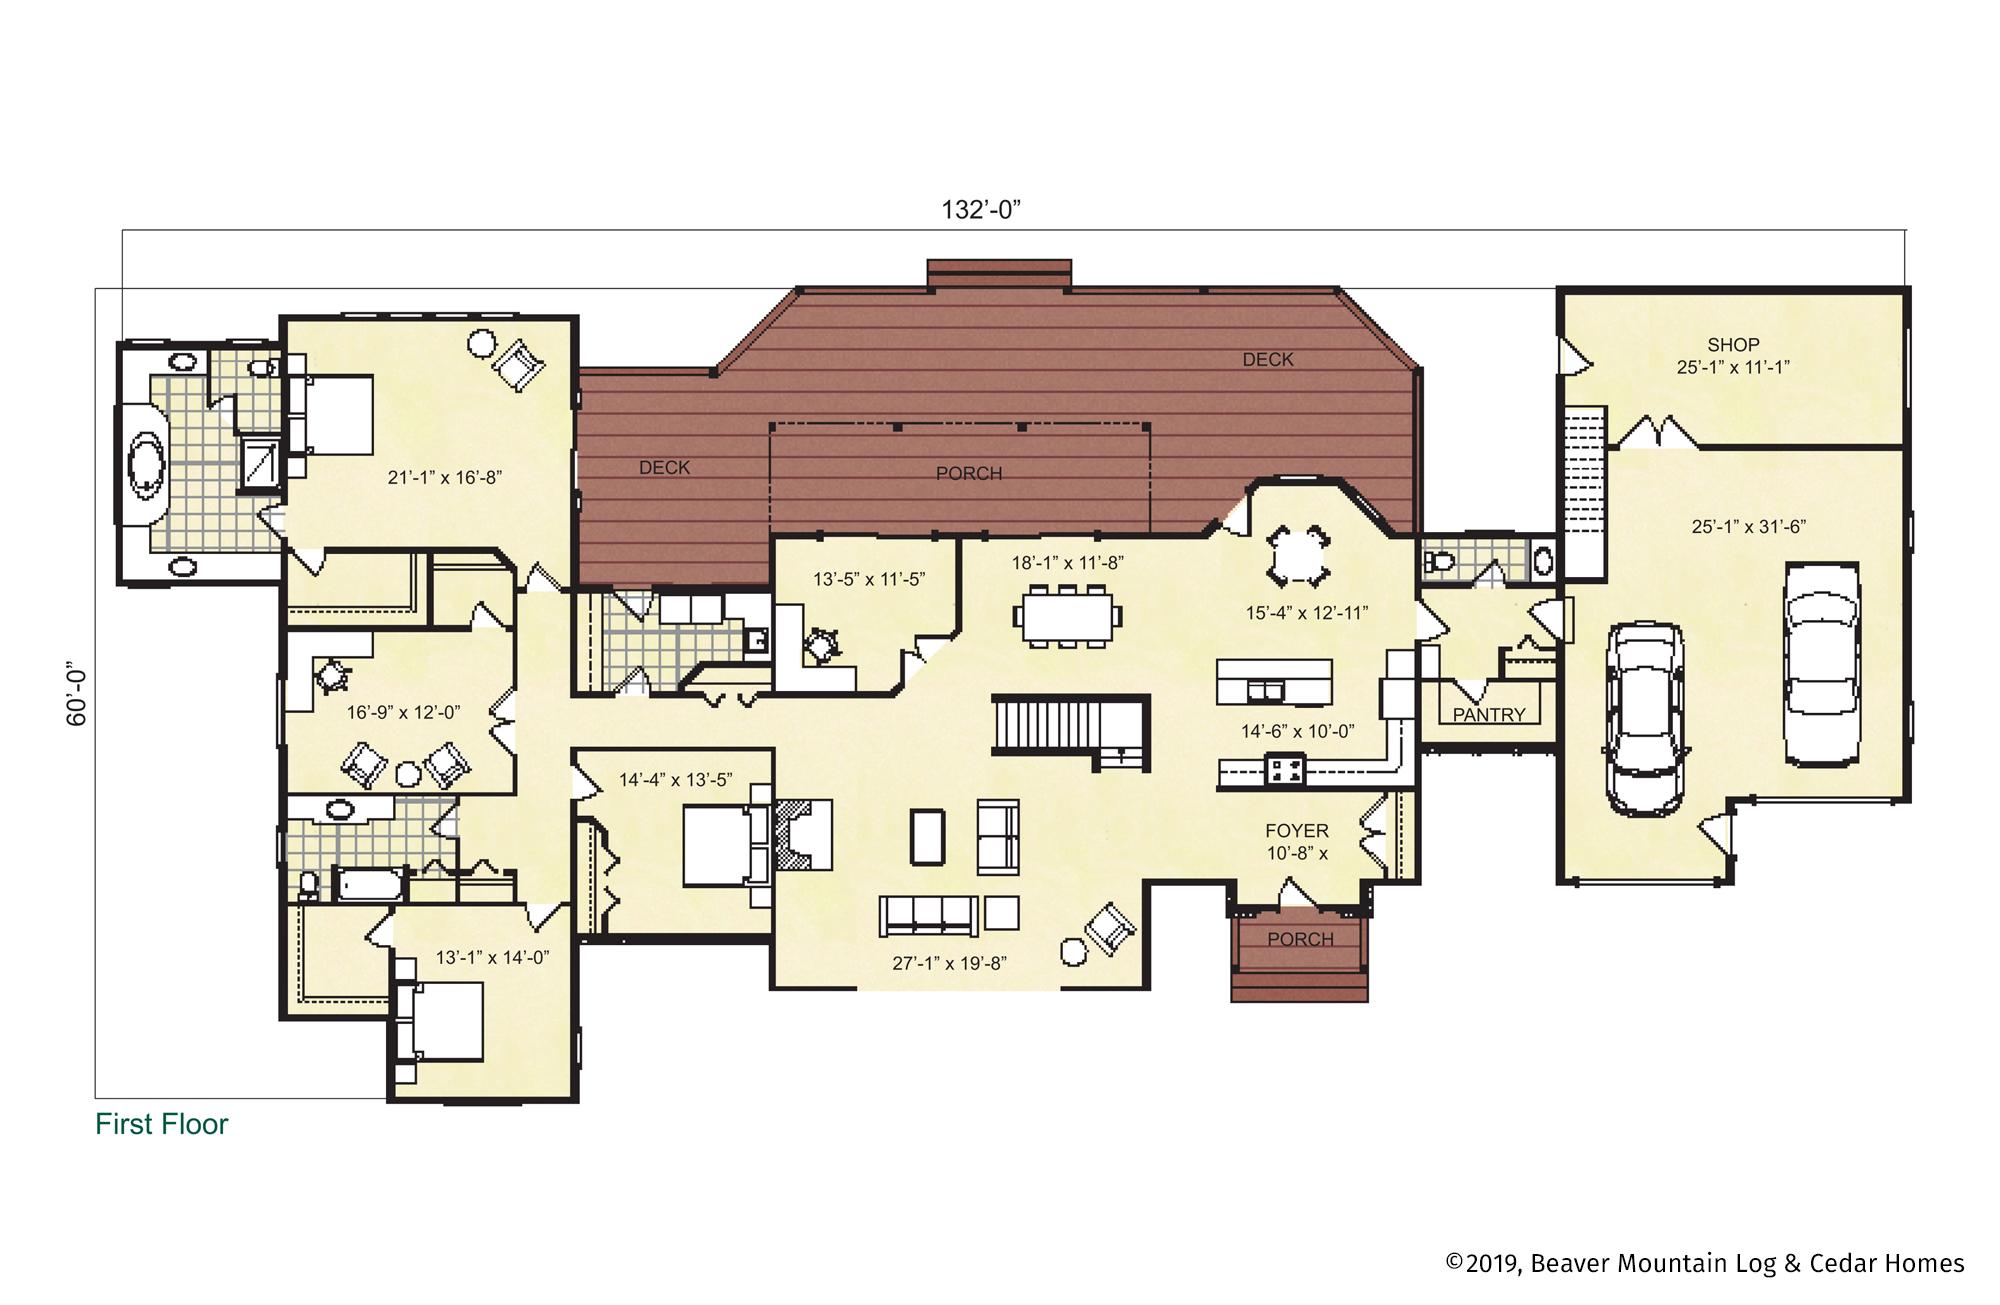 Beaver Mountain Log Homes Livingston Manor Main Level Floor Plan